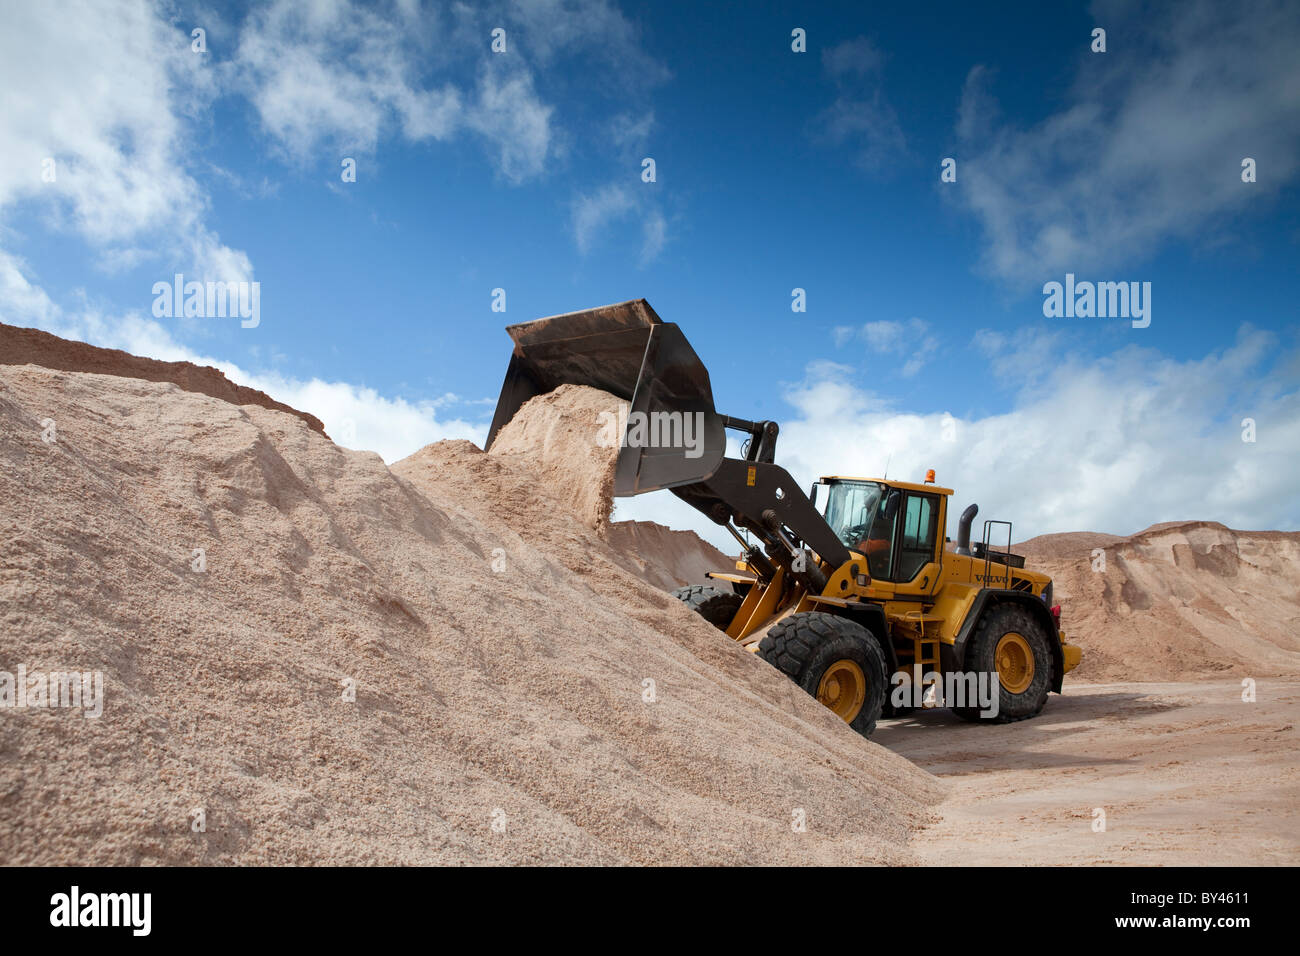 Winsford Rock Miniera di Sale Cheshire Regno Unito - sale di pietra per la costruzione di strade in inverno Immagini Stock